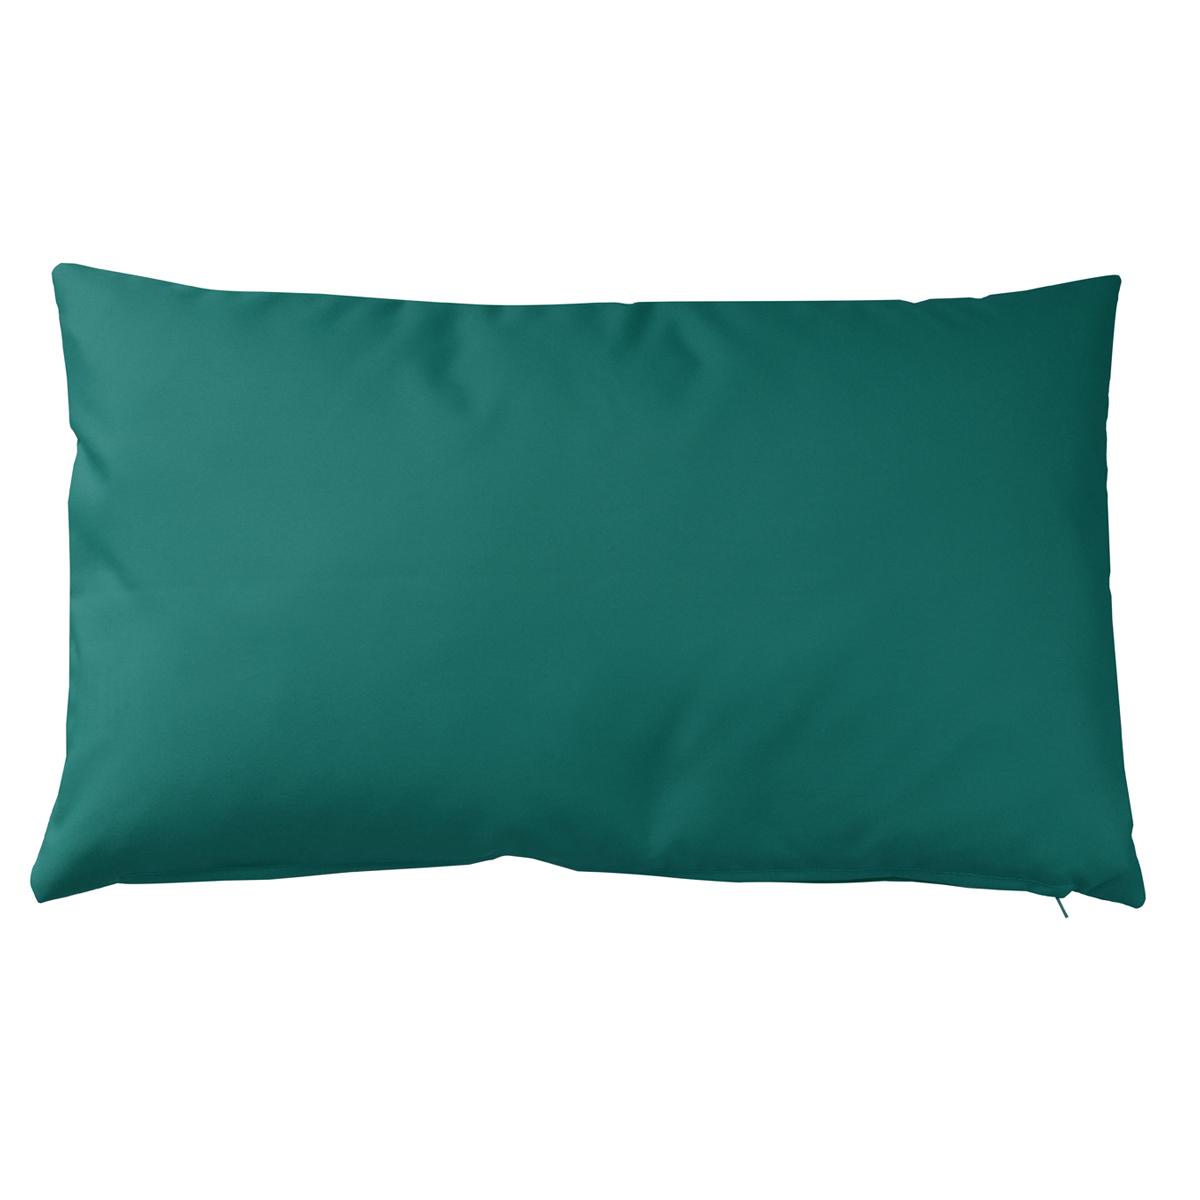 Housse de coussin d'extérieur en tissu outdoor - Bleu Paon - 30 x 50 cm